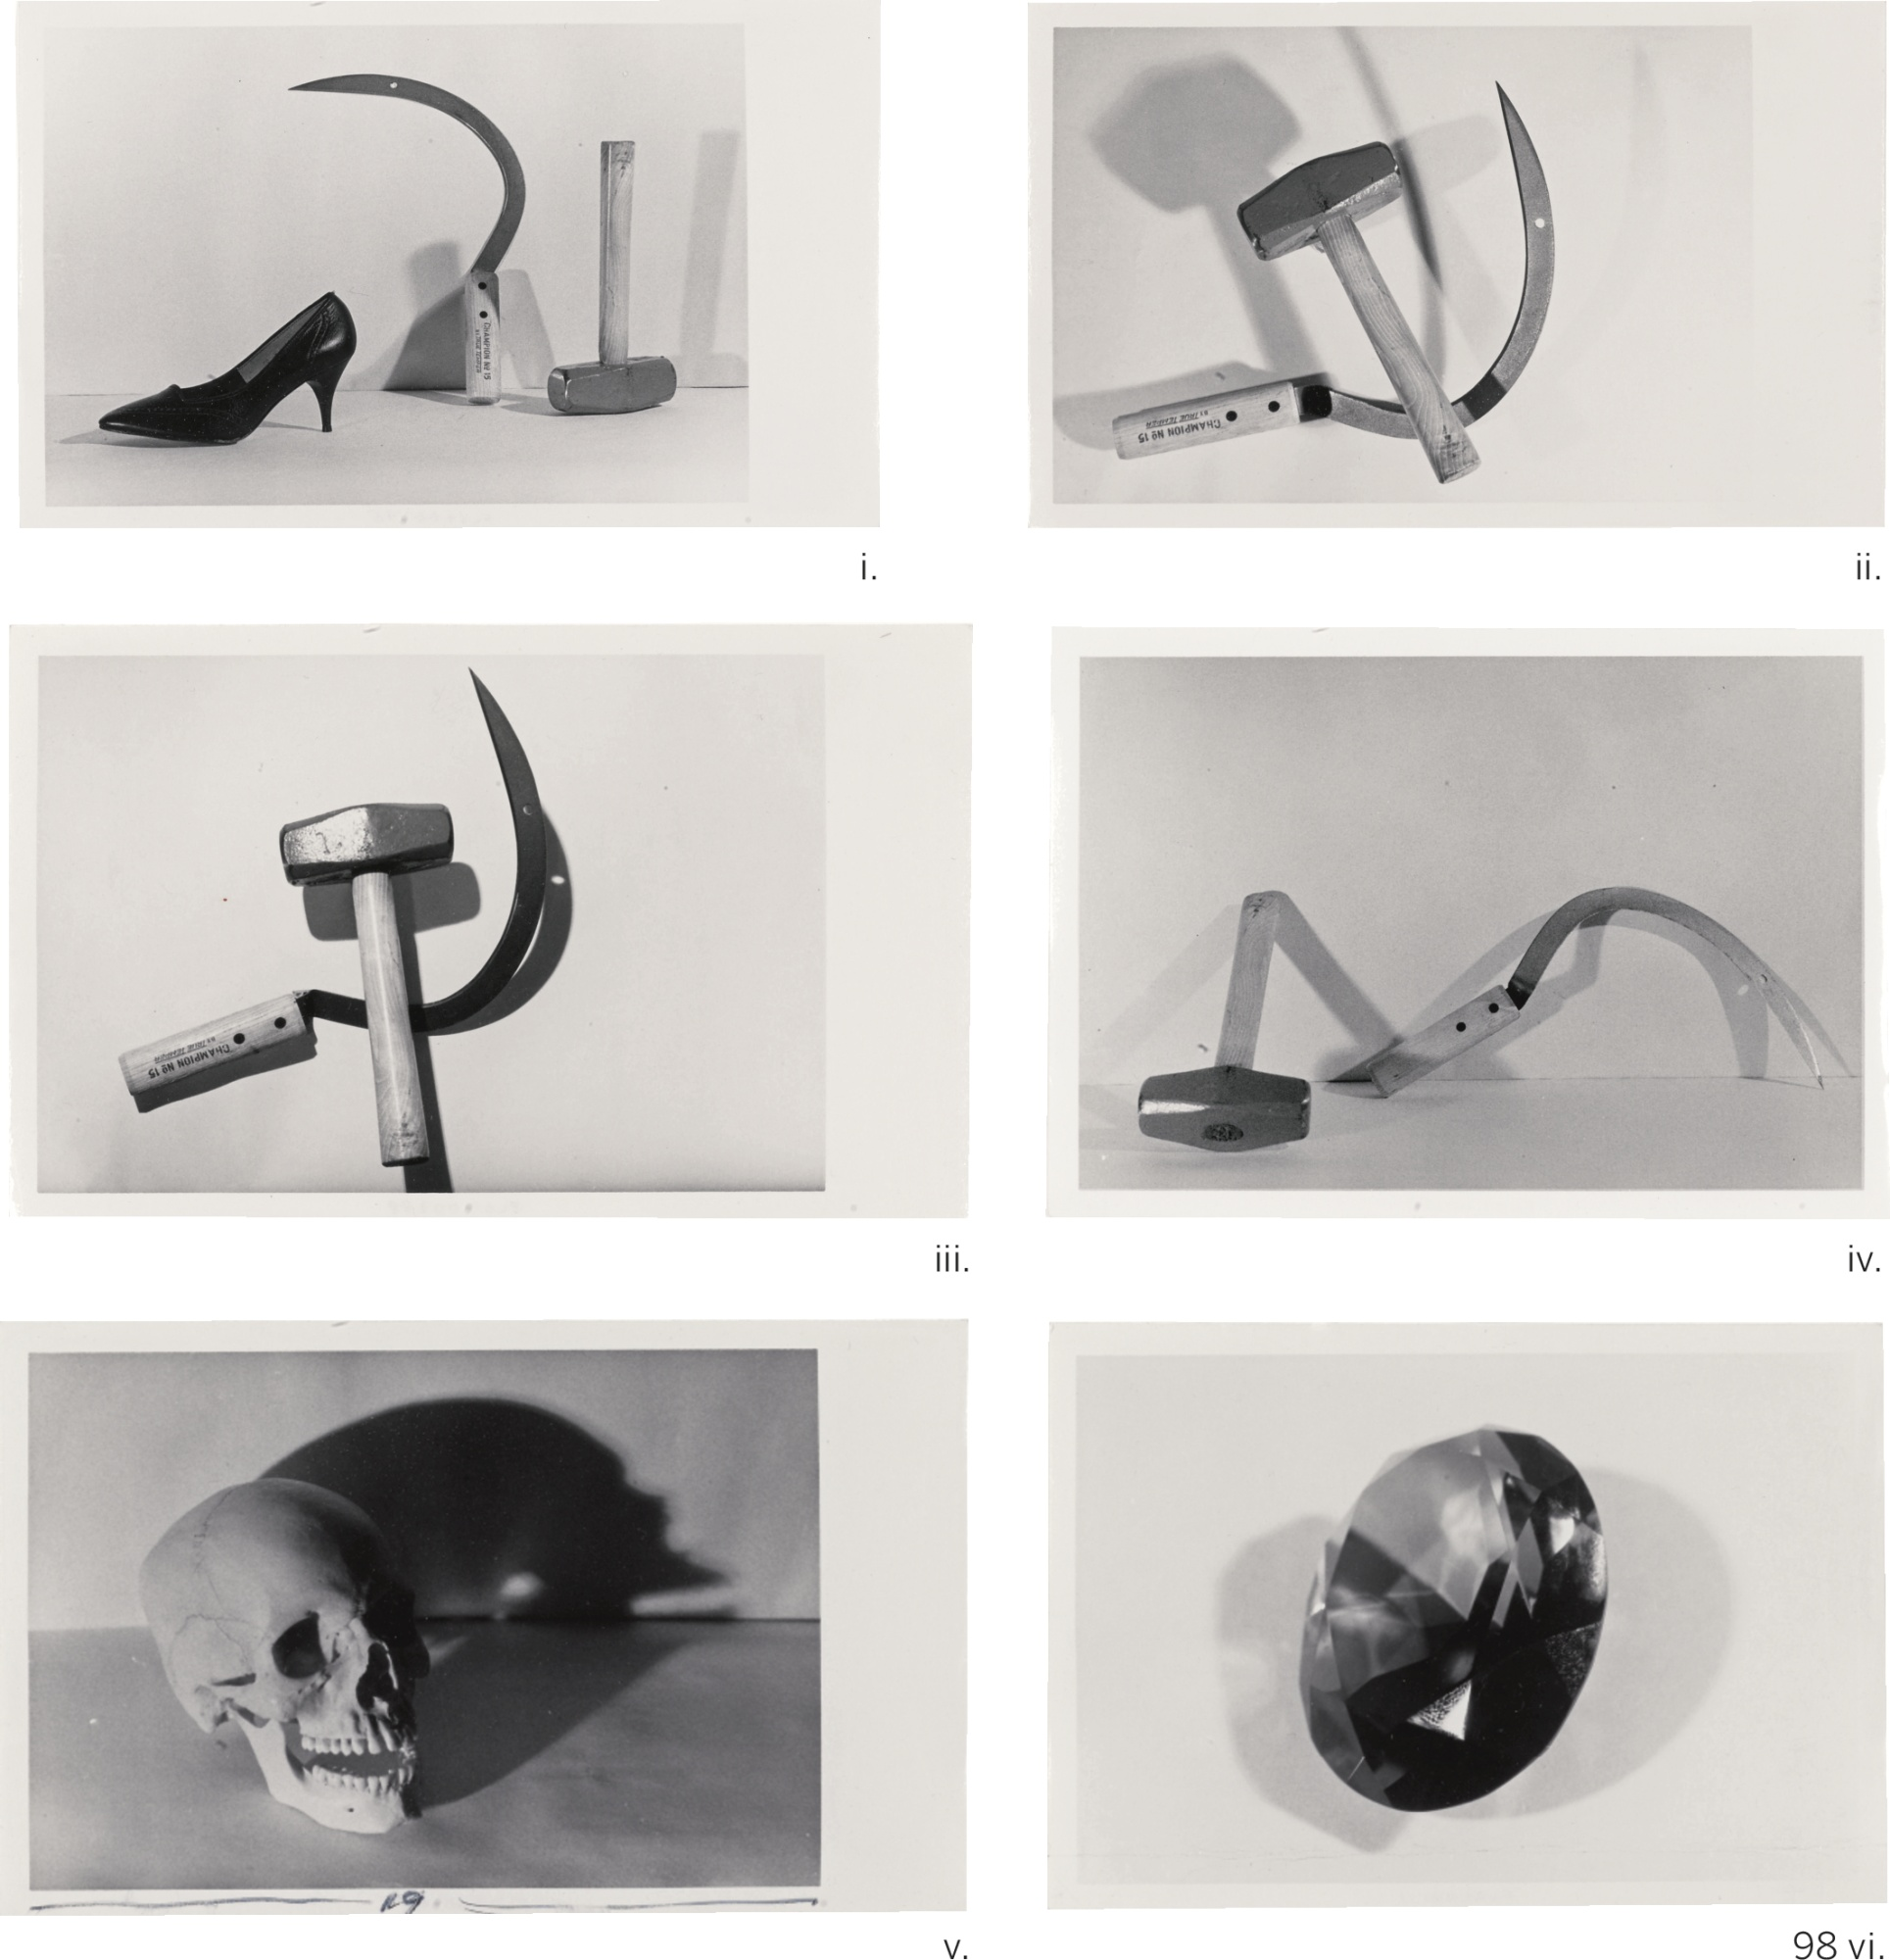 Andy Warhol-I-IV. Hammer And Sickle V. Skull VI. Gem-1978